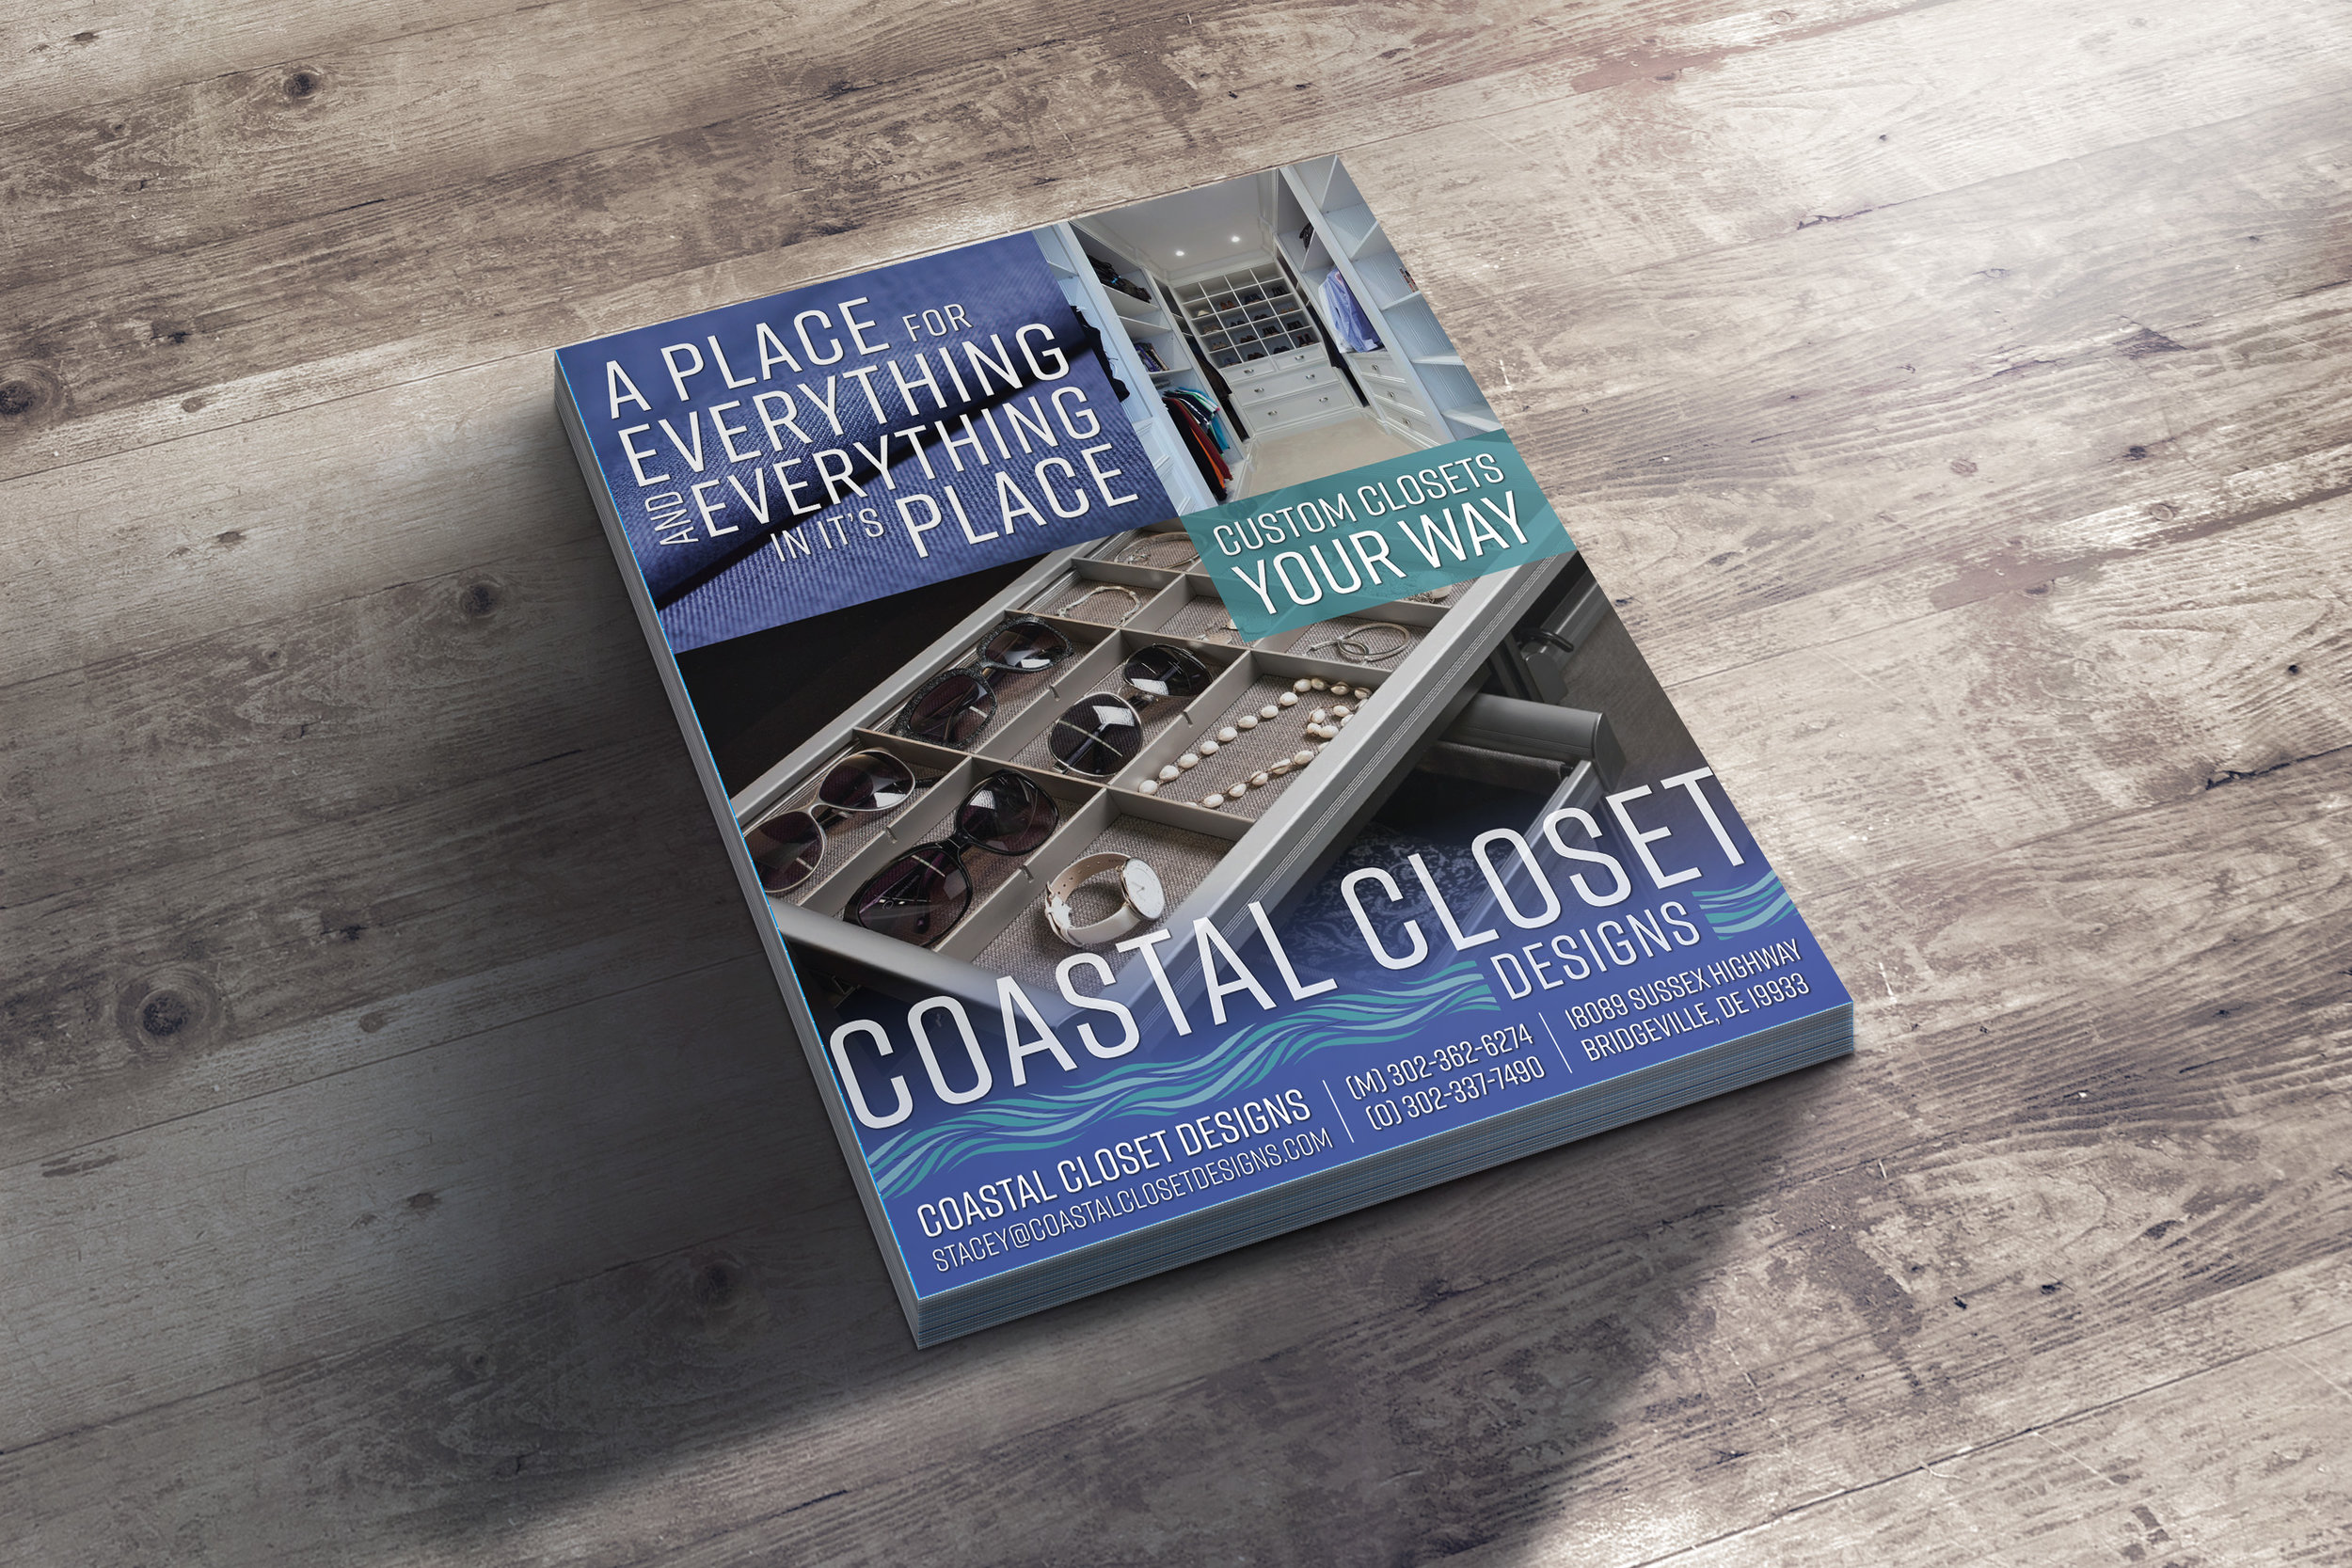 Coastal Closets Flyer Design